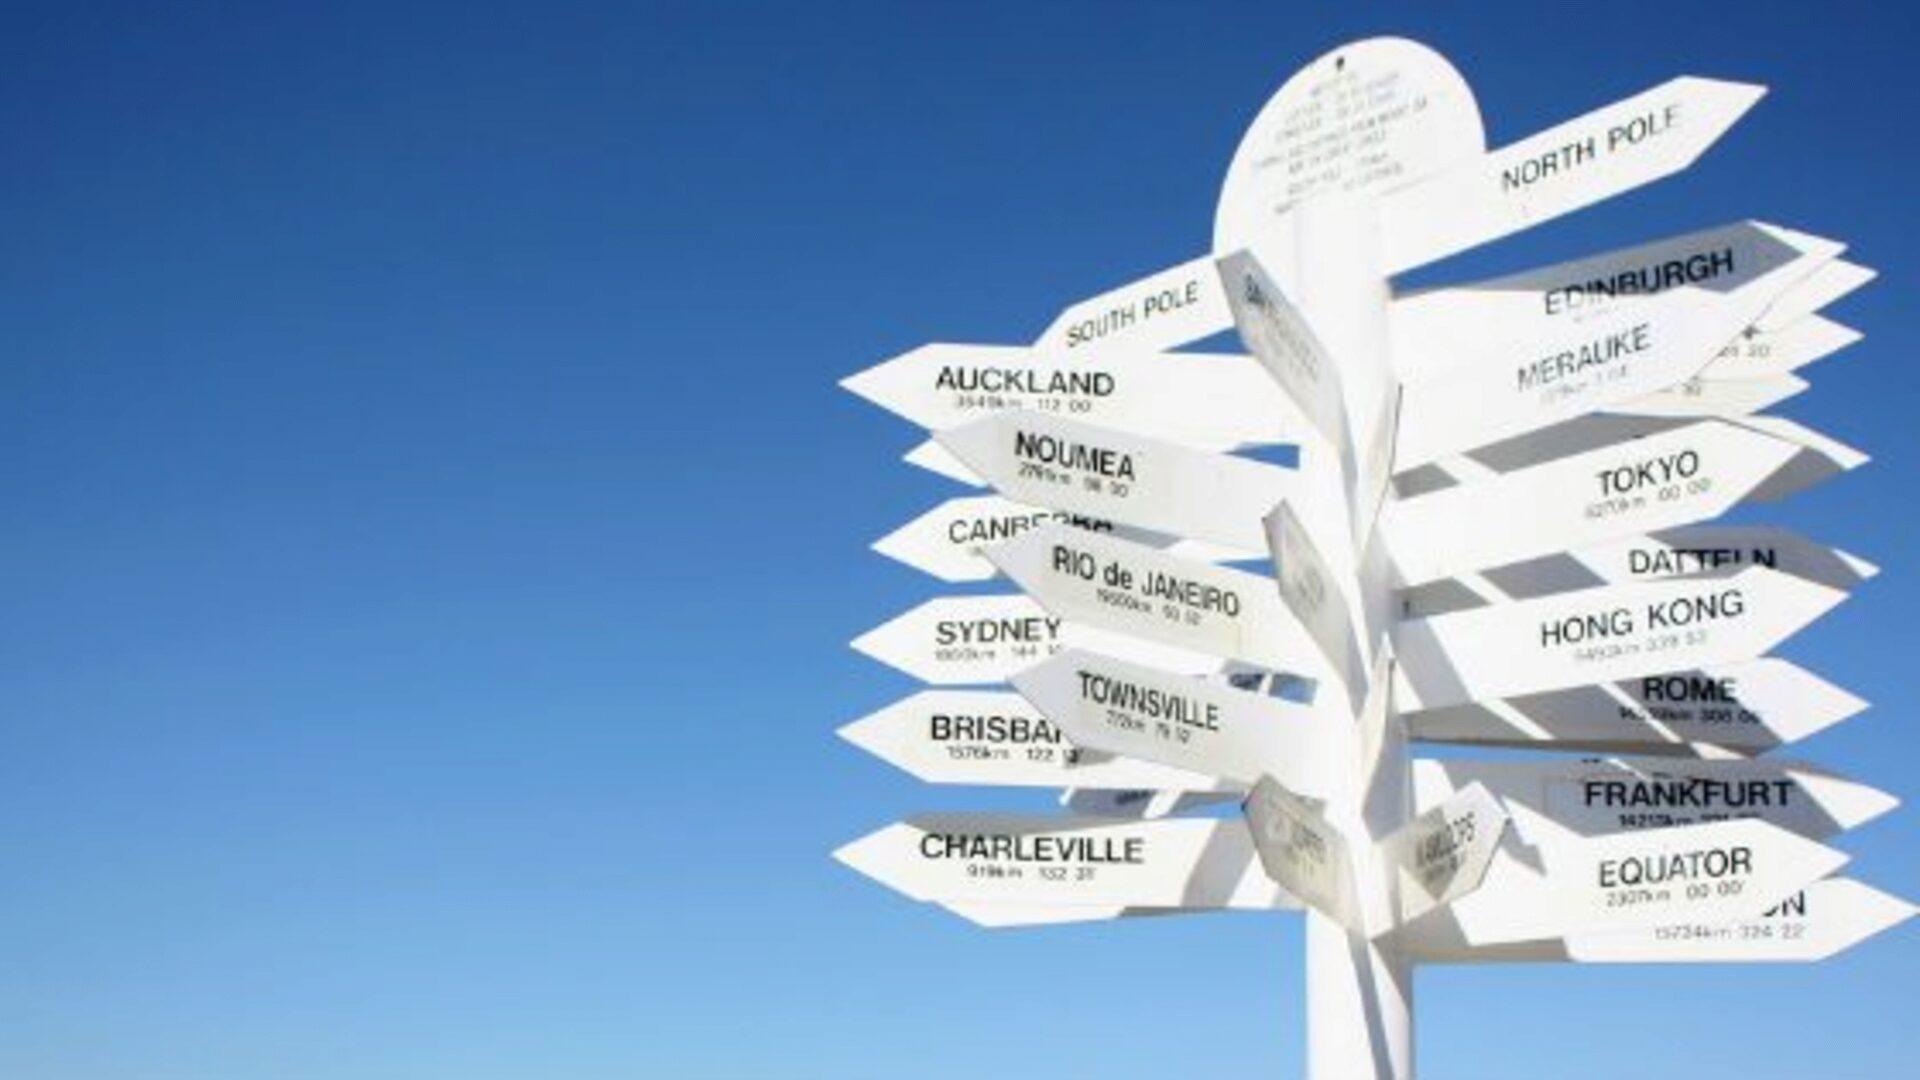 Choose unfamiliar routes